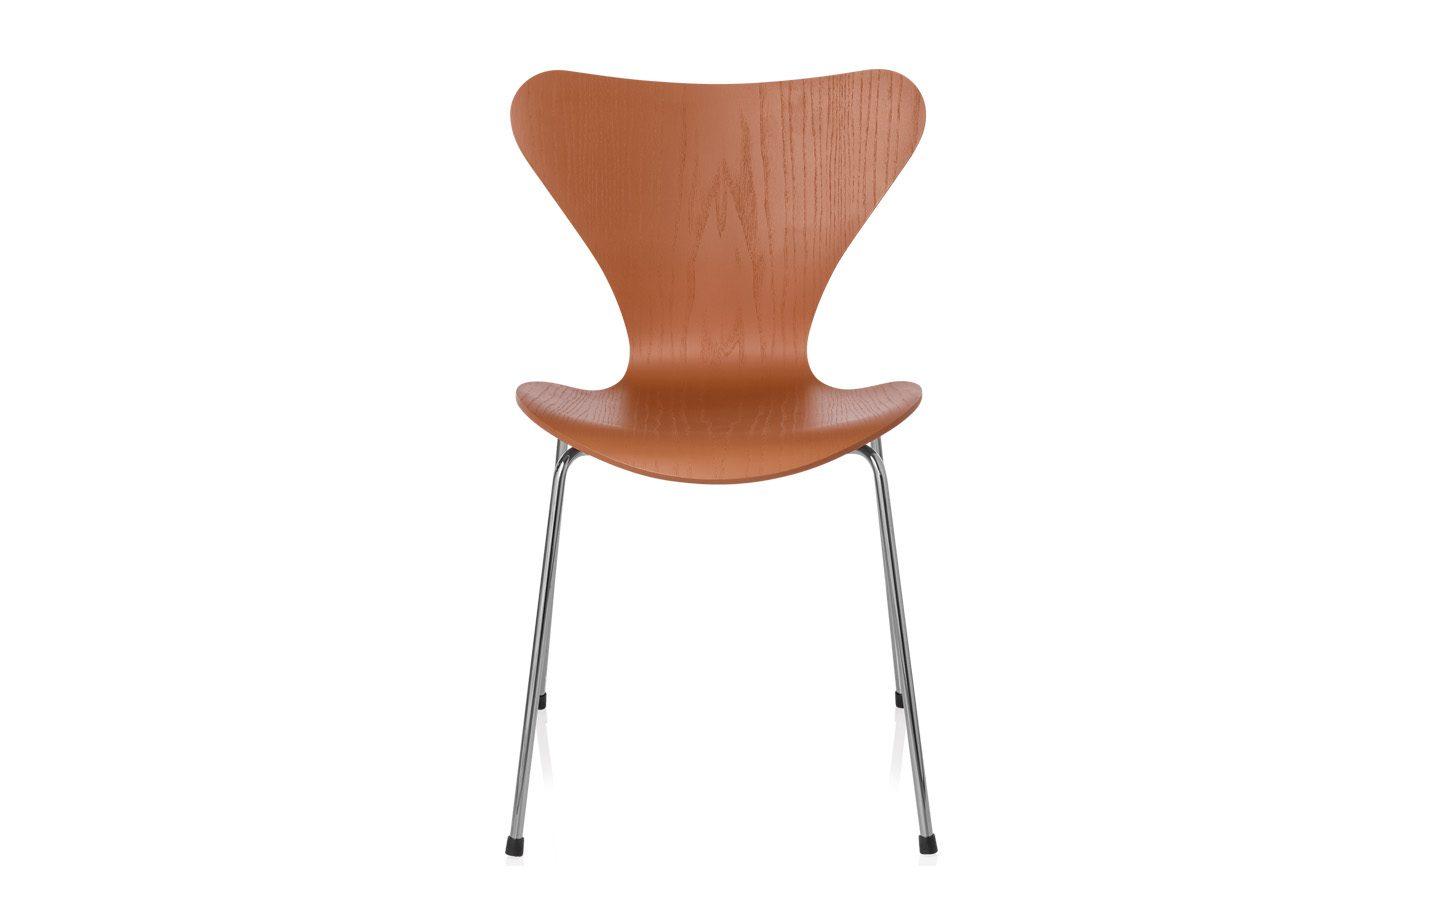 Series-7-Chair-Coloured-Ash-wood-Orange